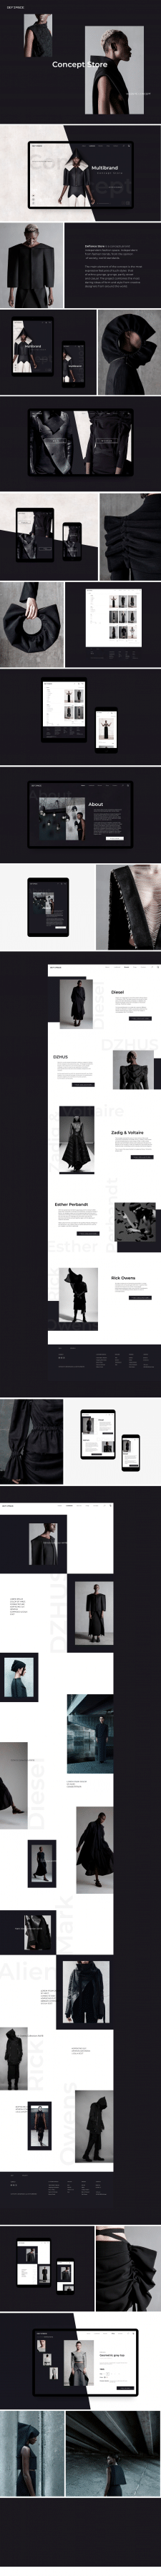 Дизайн сайта магазина концептуальной одежды